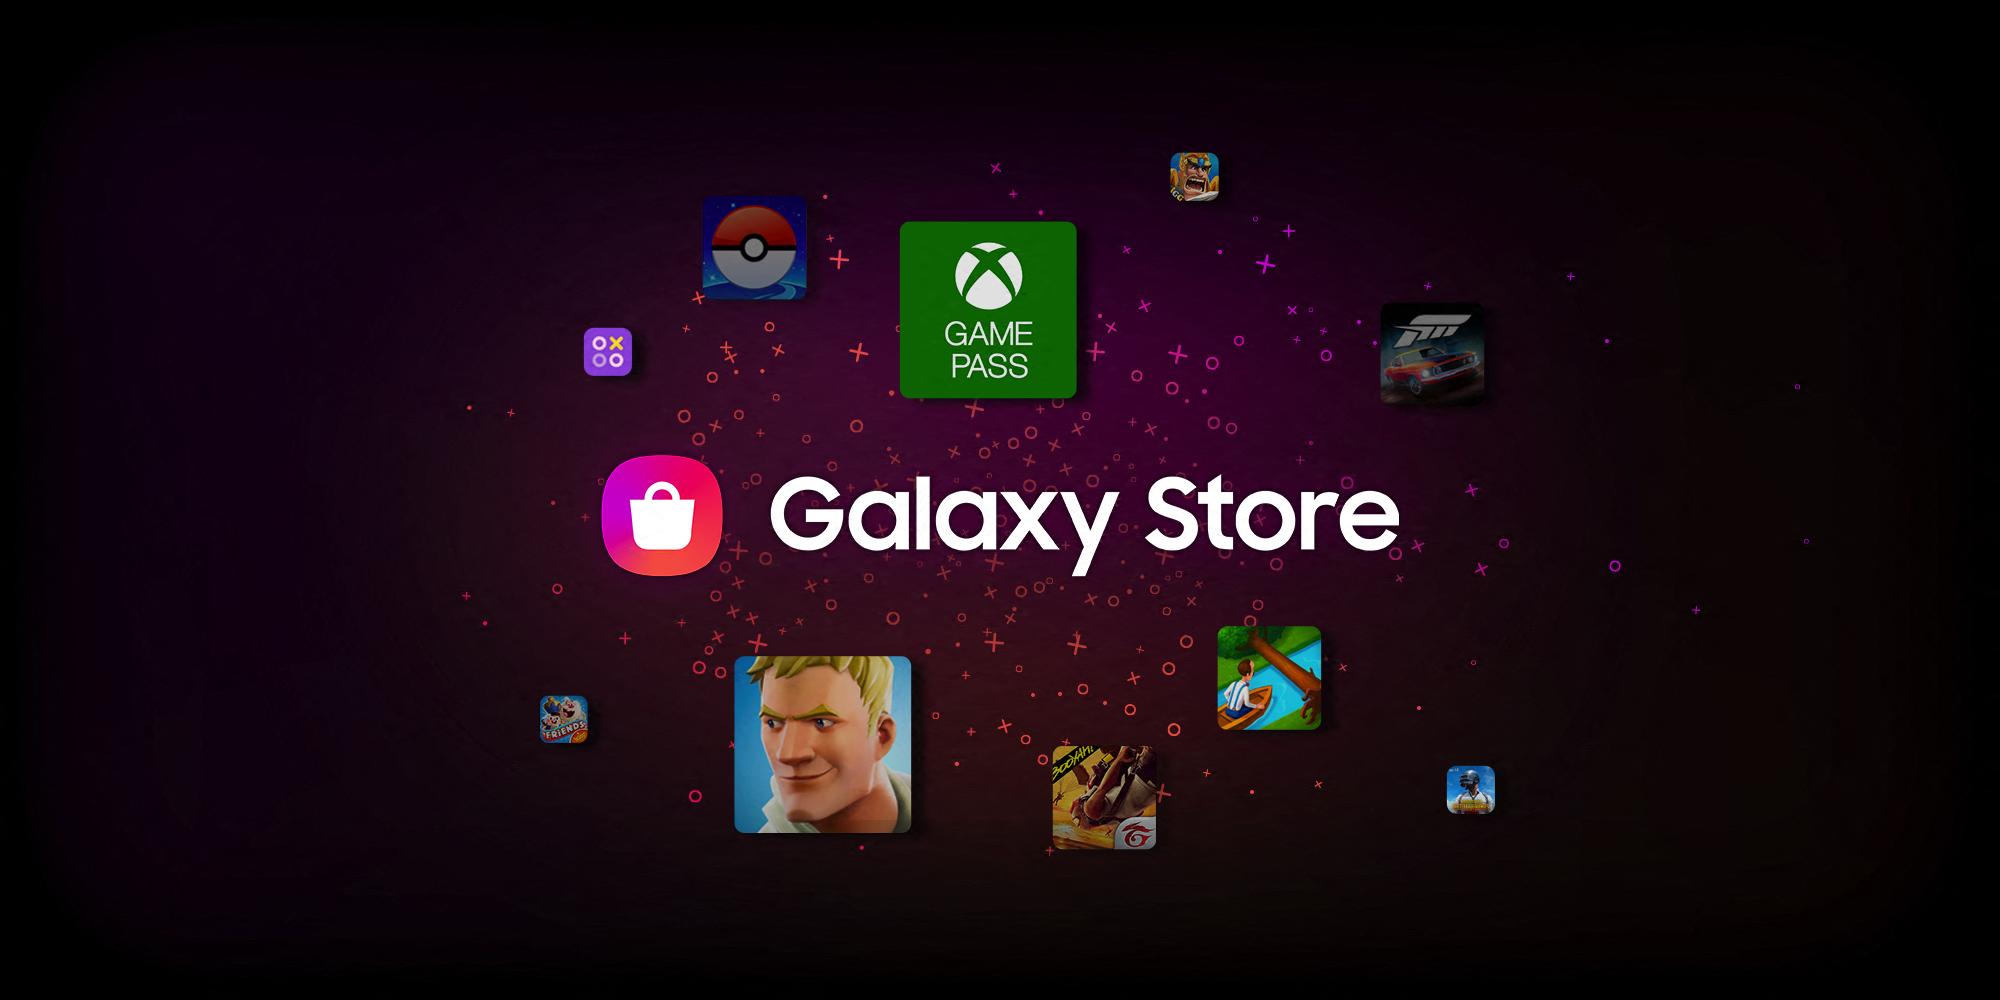 Galaxy Store mění zaměření více na hry